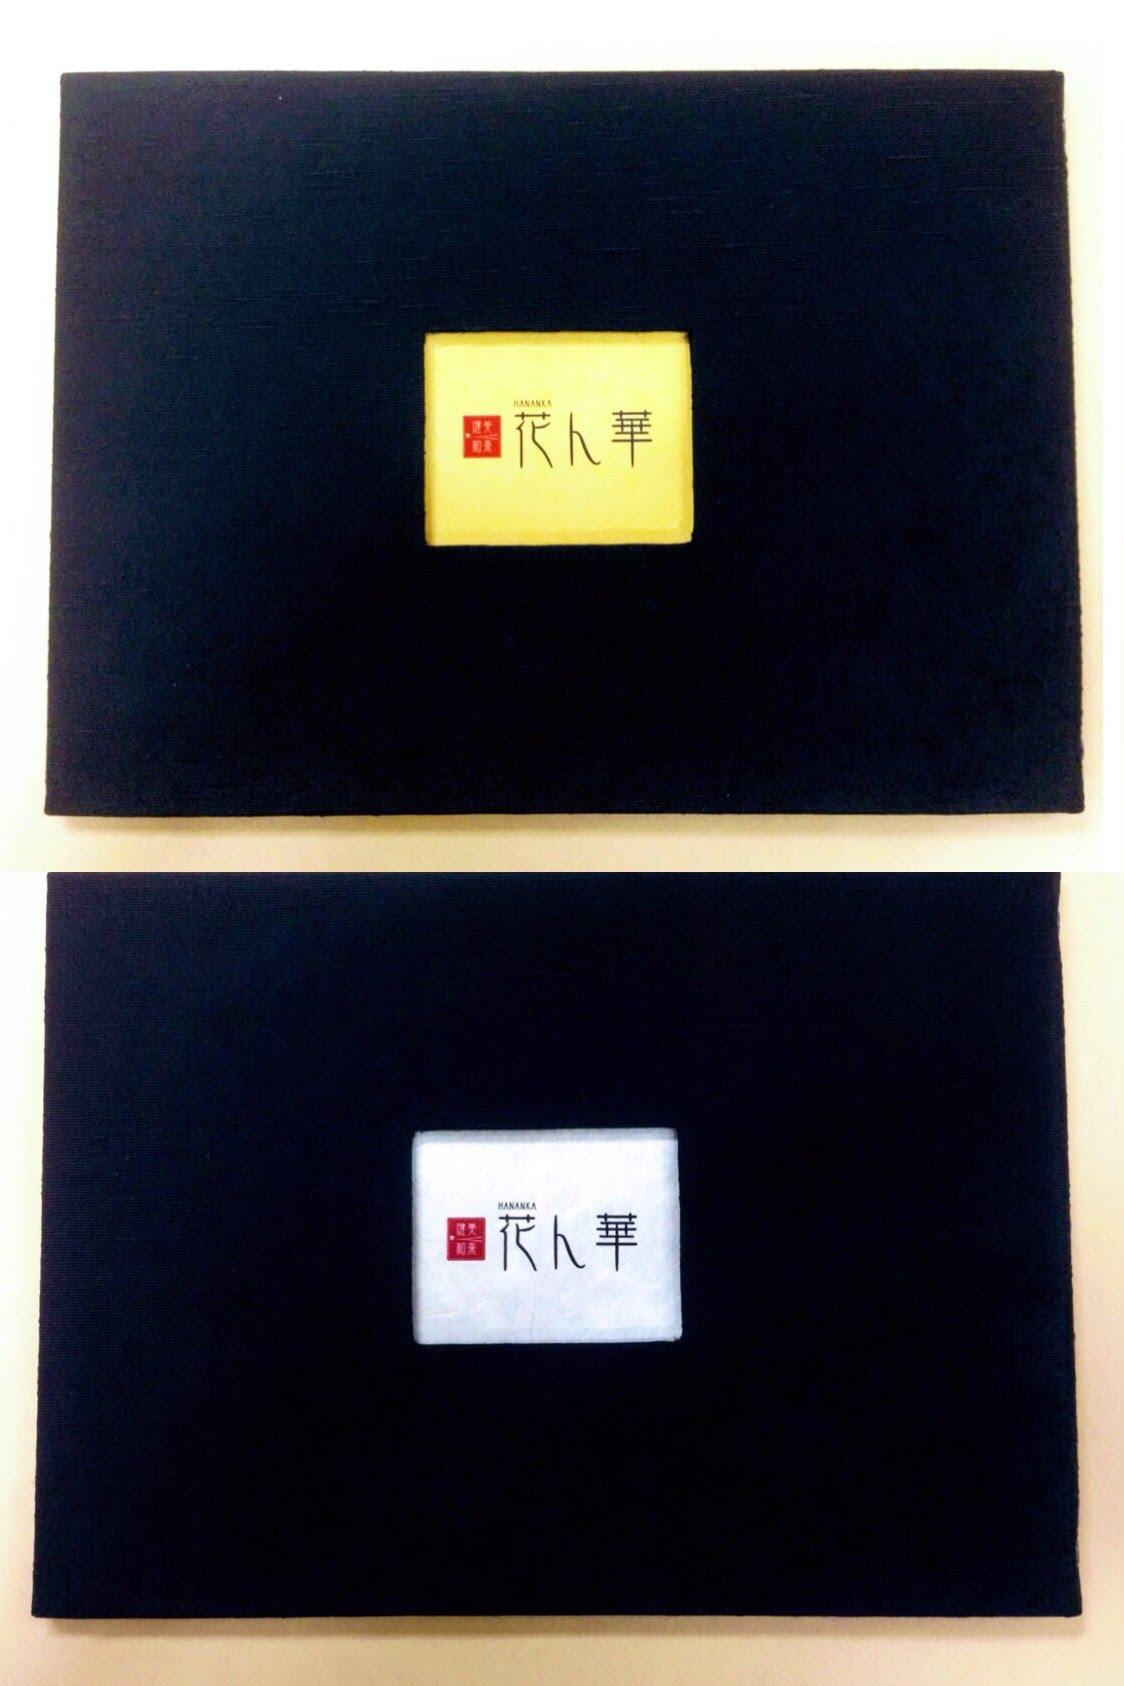 「紬-YOKO」のバリエーション